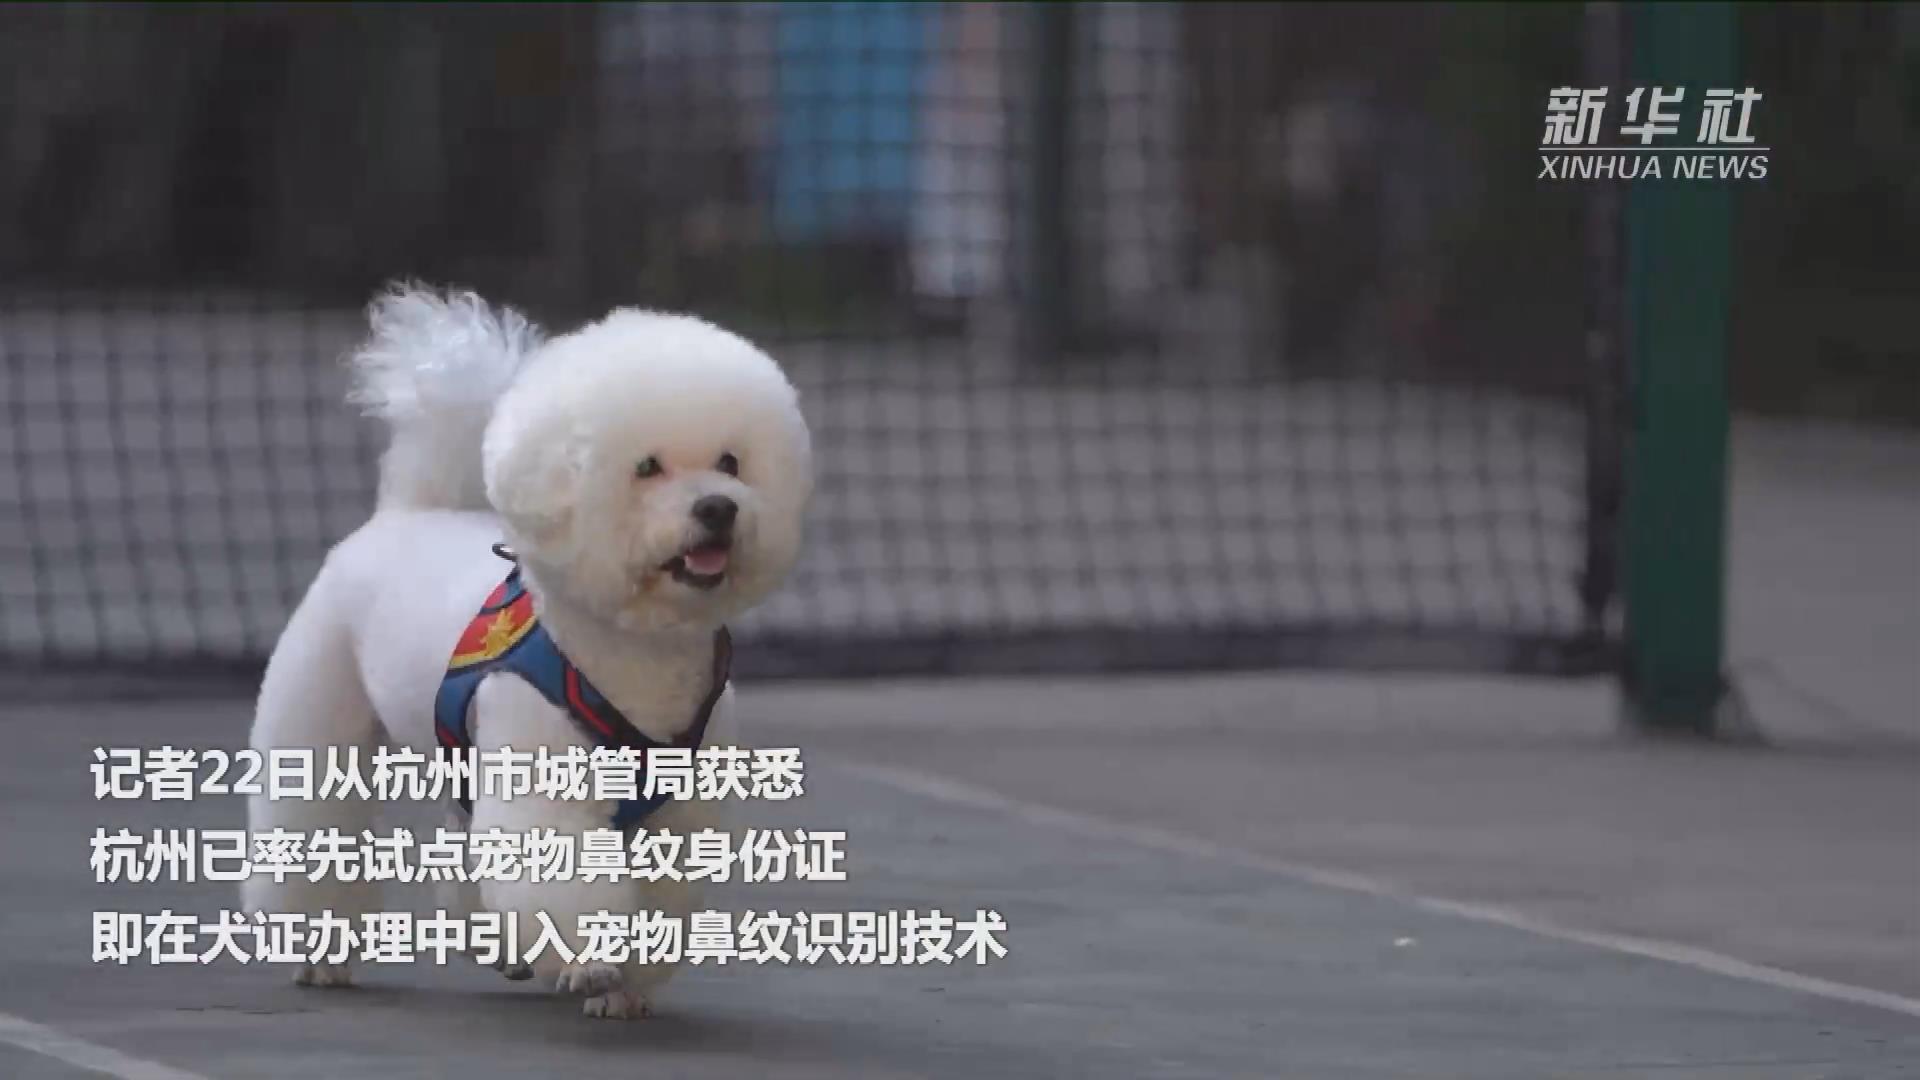 杭州率先试点宠物鼻纹身份证 实现宠物数字化管理